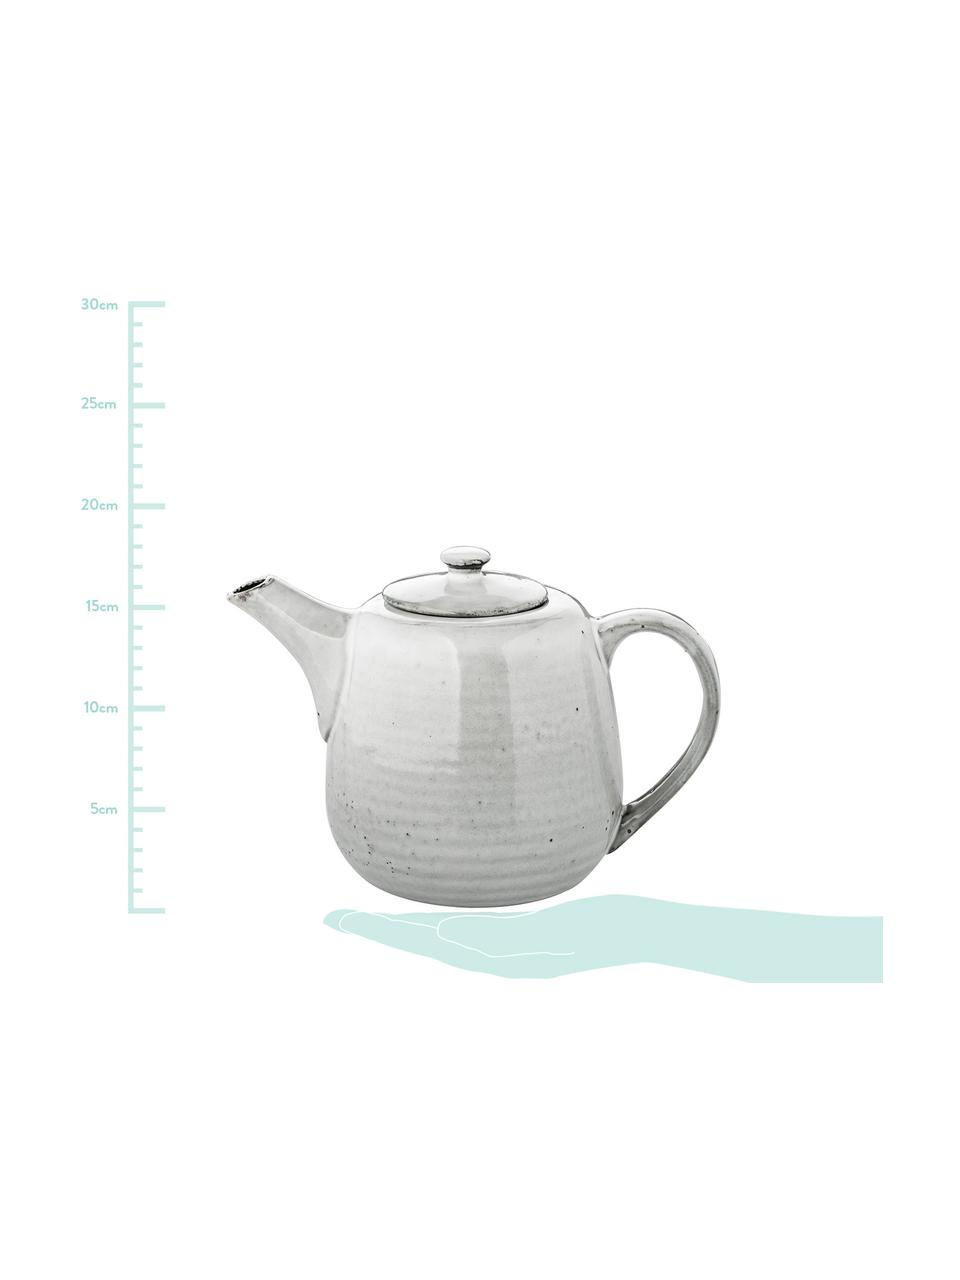 Handgemachte Teekanne Nordic Sand aus Steingut, 1.3 L, Steingut, Sand, 1.3 L